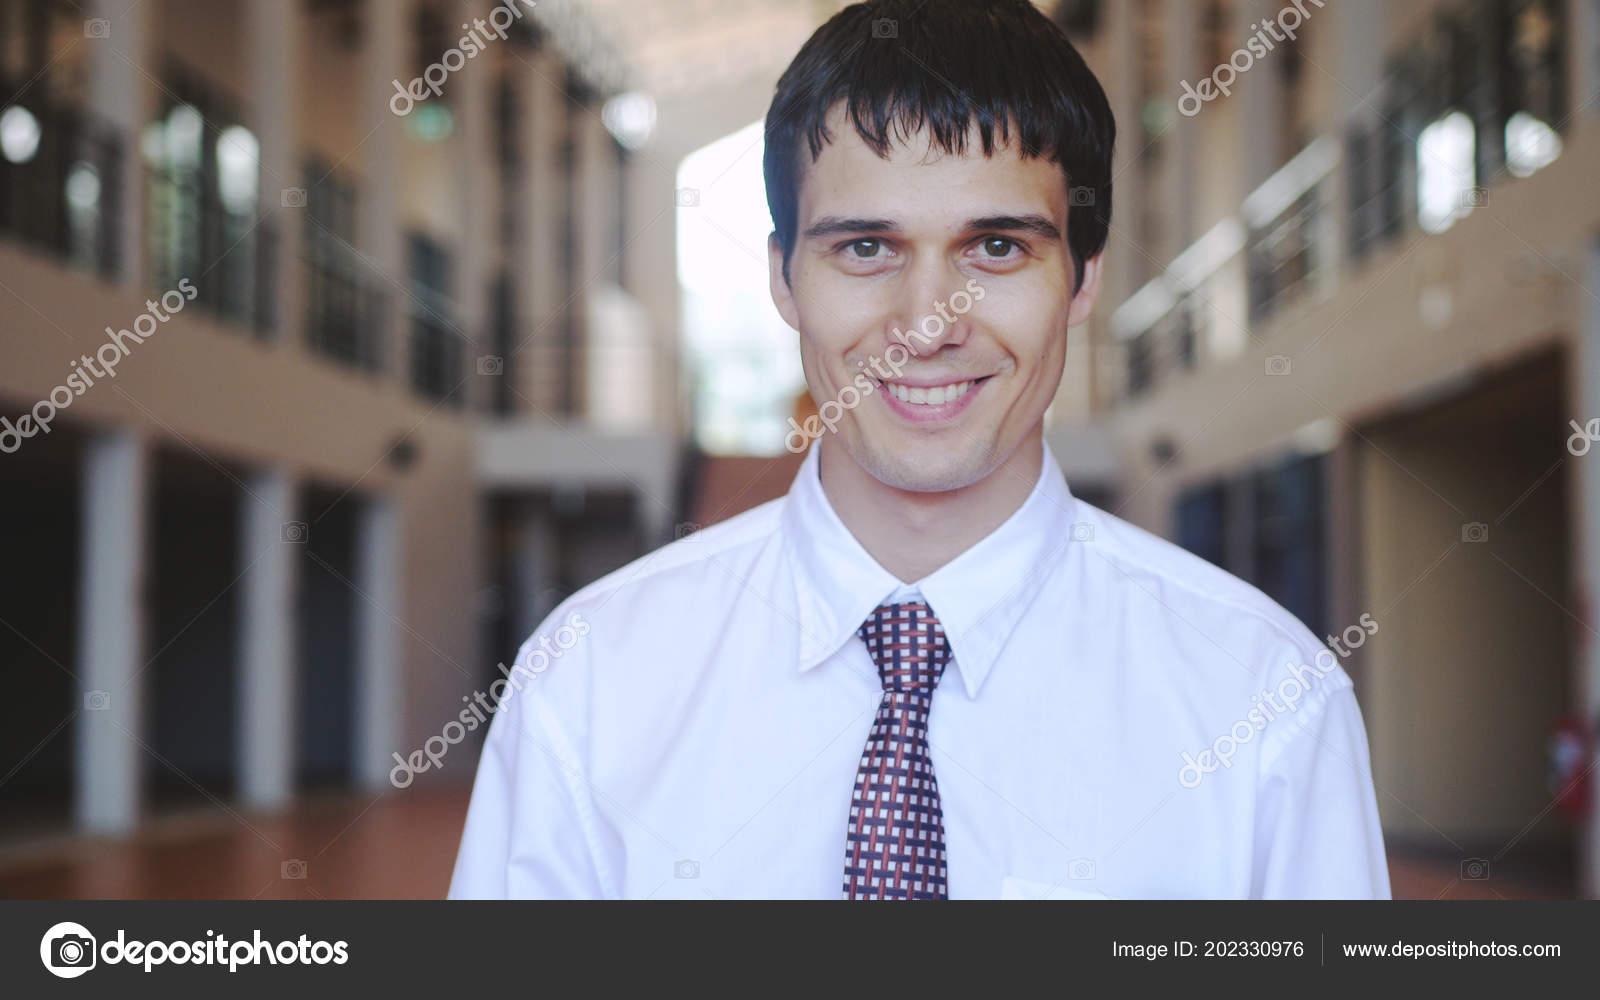 6e13c032c Retrato de joven empresario feliz éxito. Hombre mira a la cámara y sonríe —  Foto